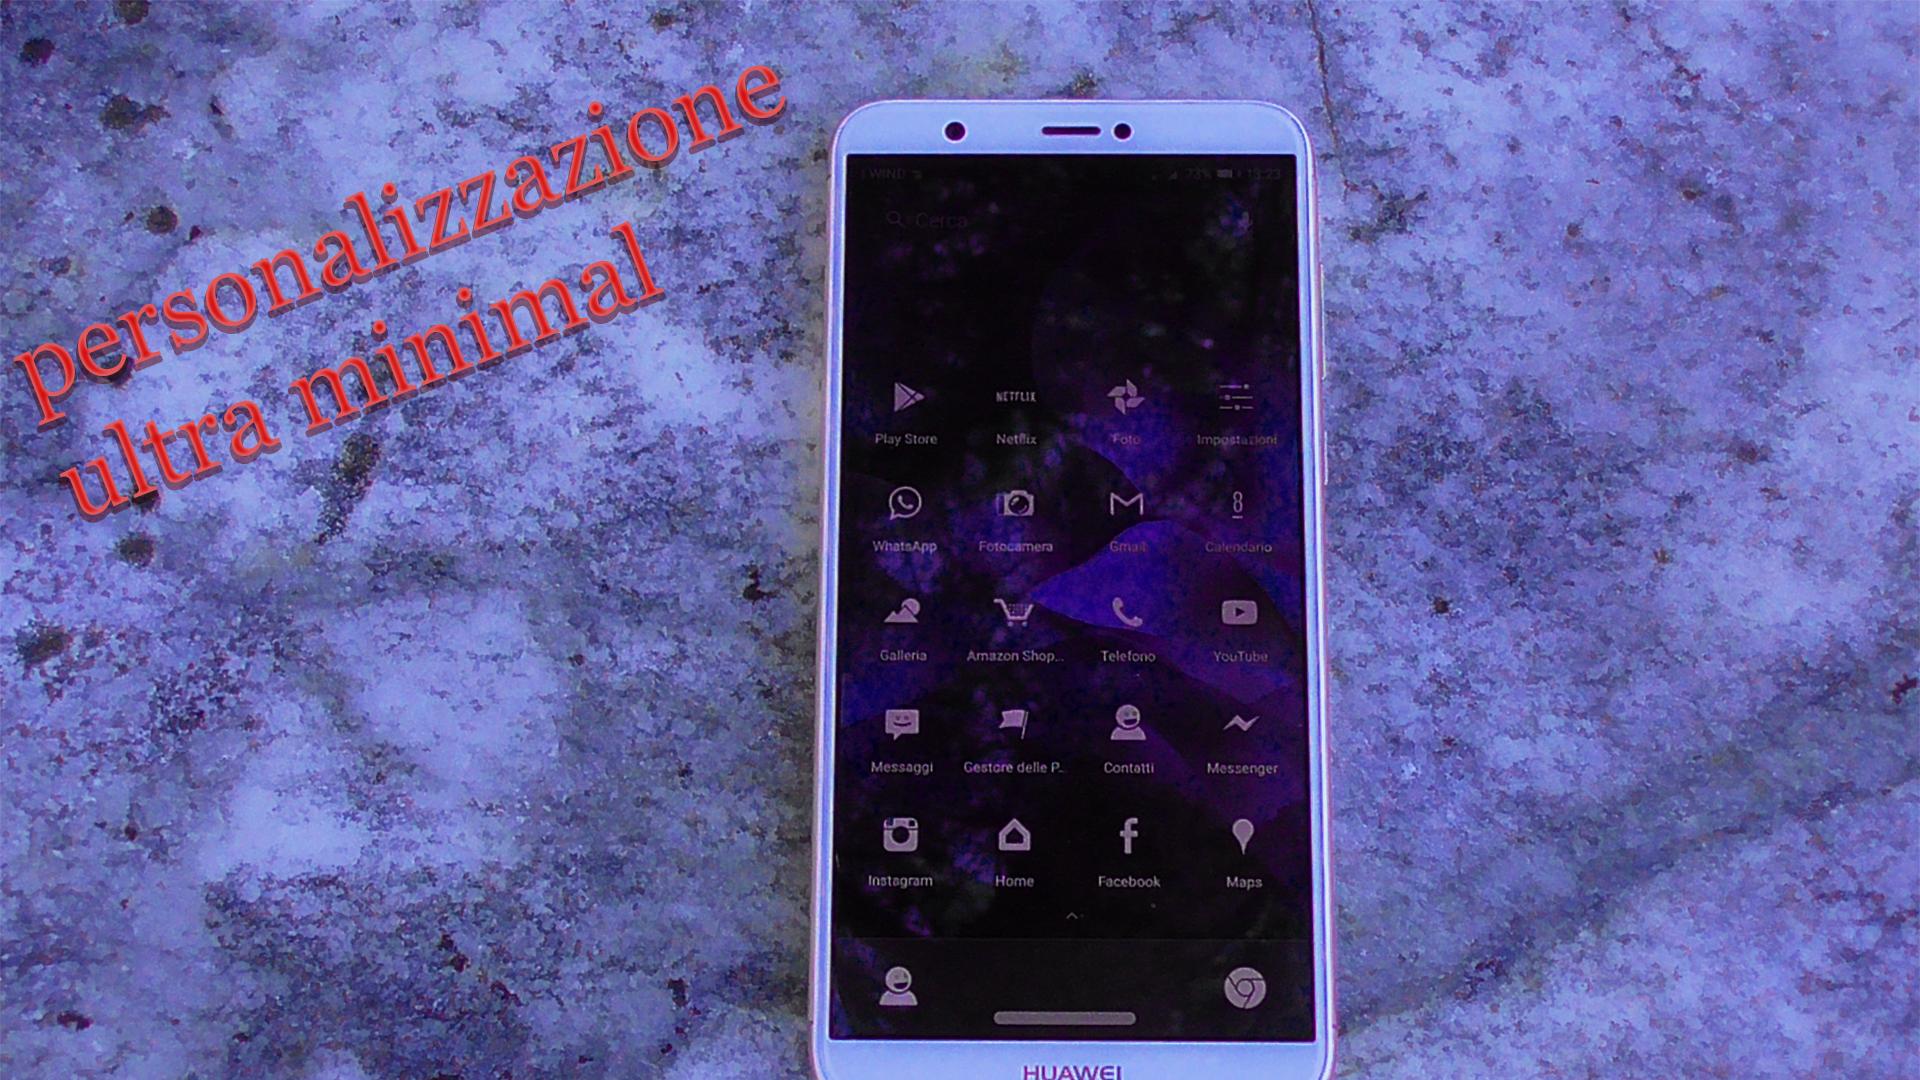 Personalizzazione Android ultra minimal